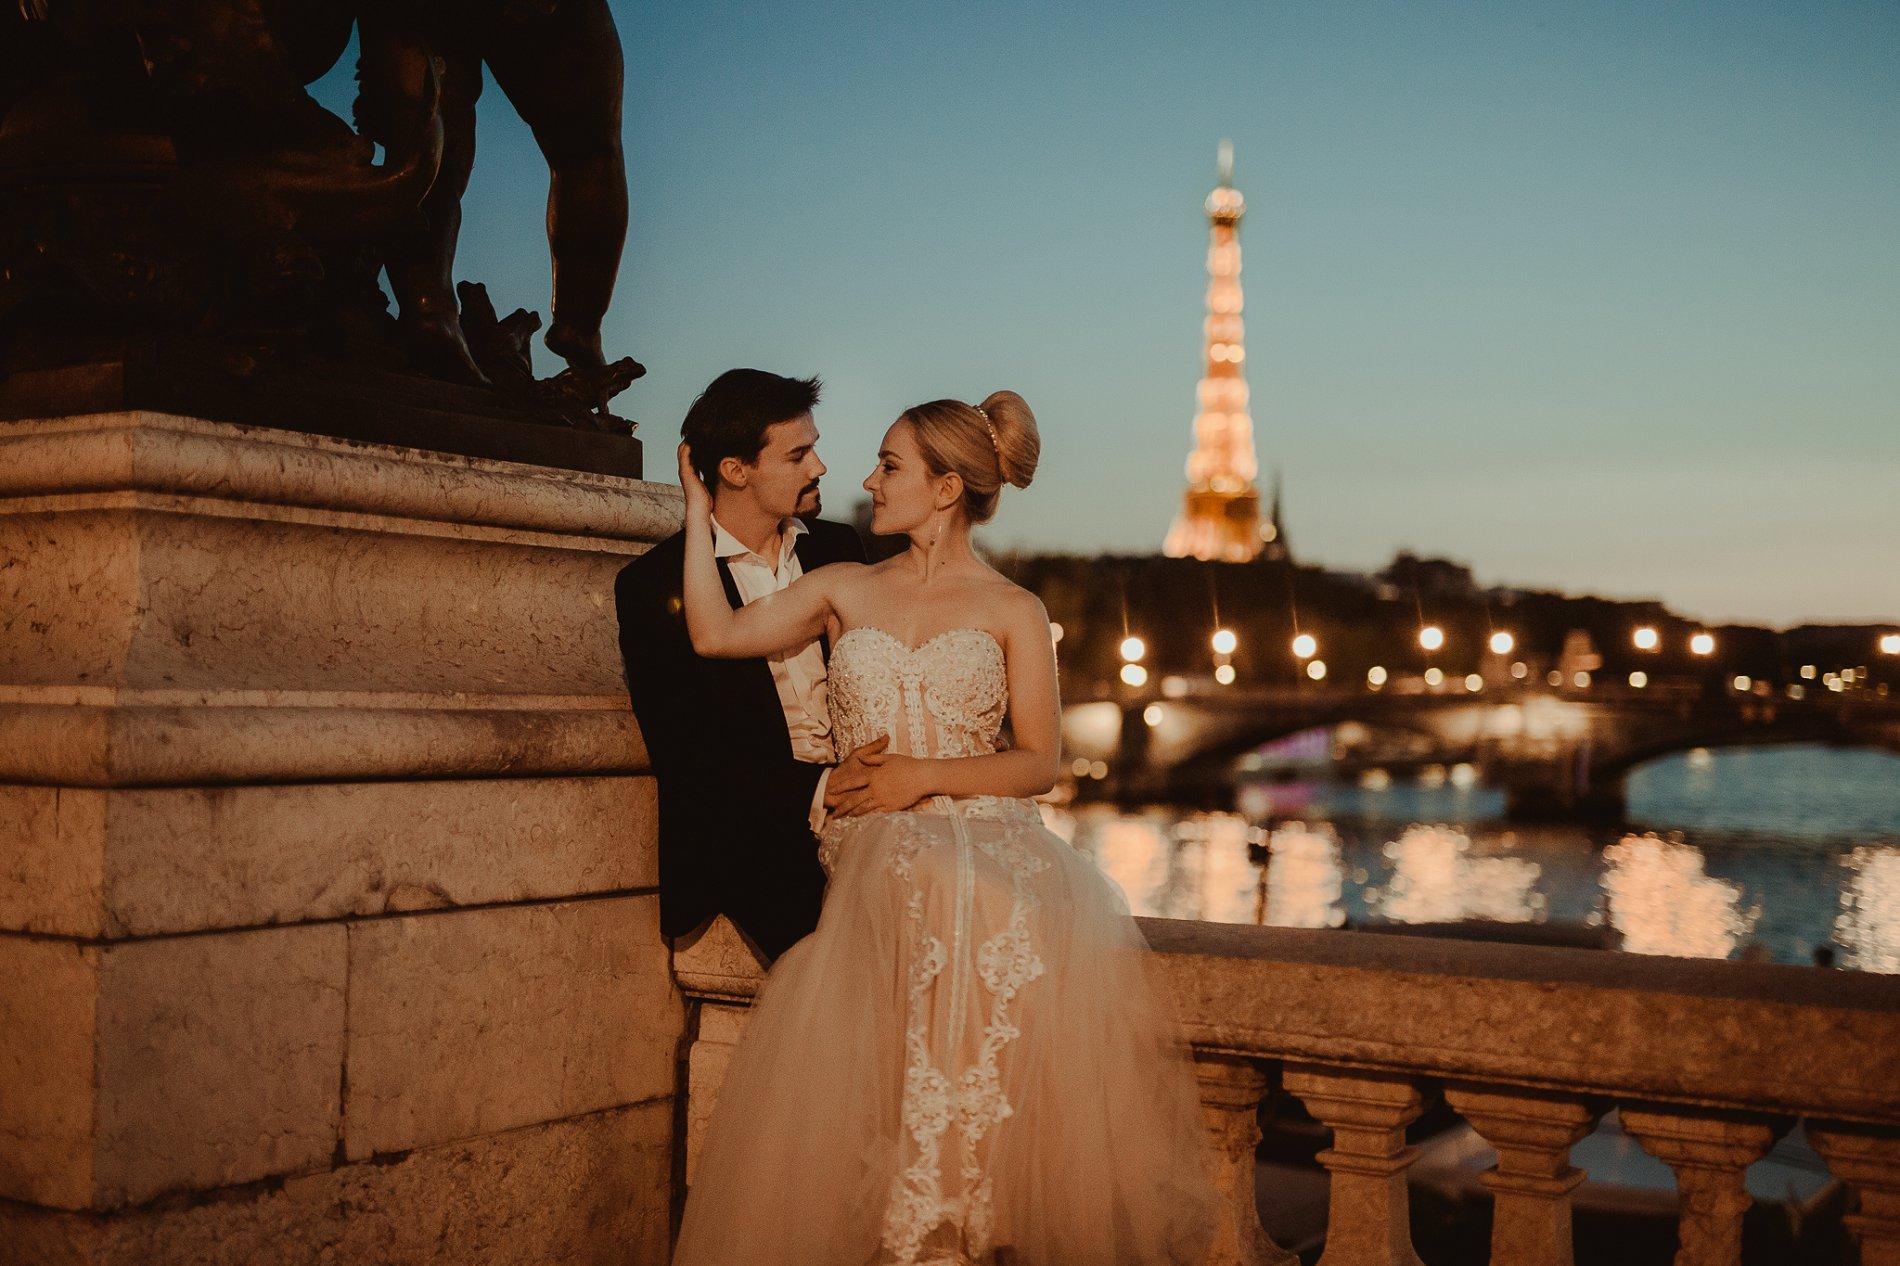 Miss He Bridal Romantic Paris Elopement (c) Xanthe Rowland Photography (50)